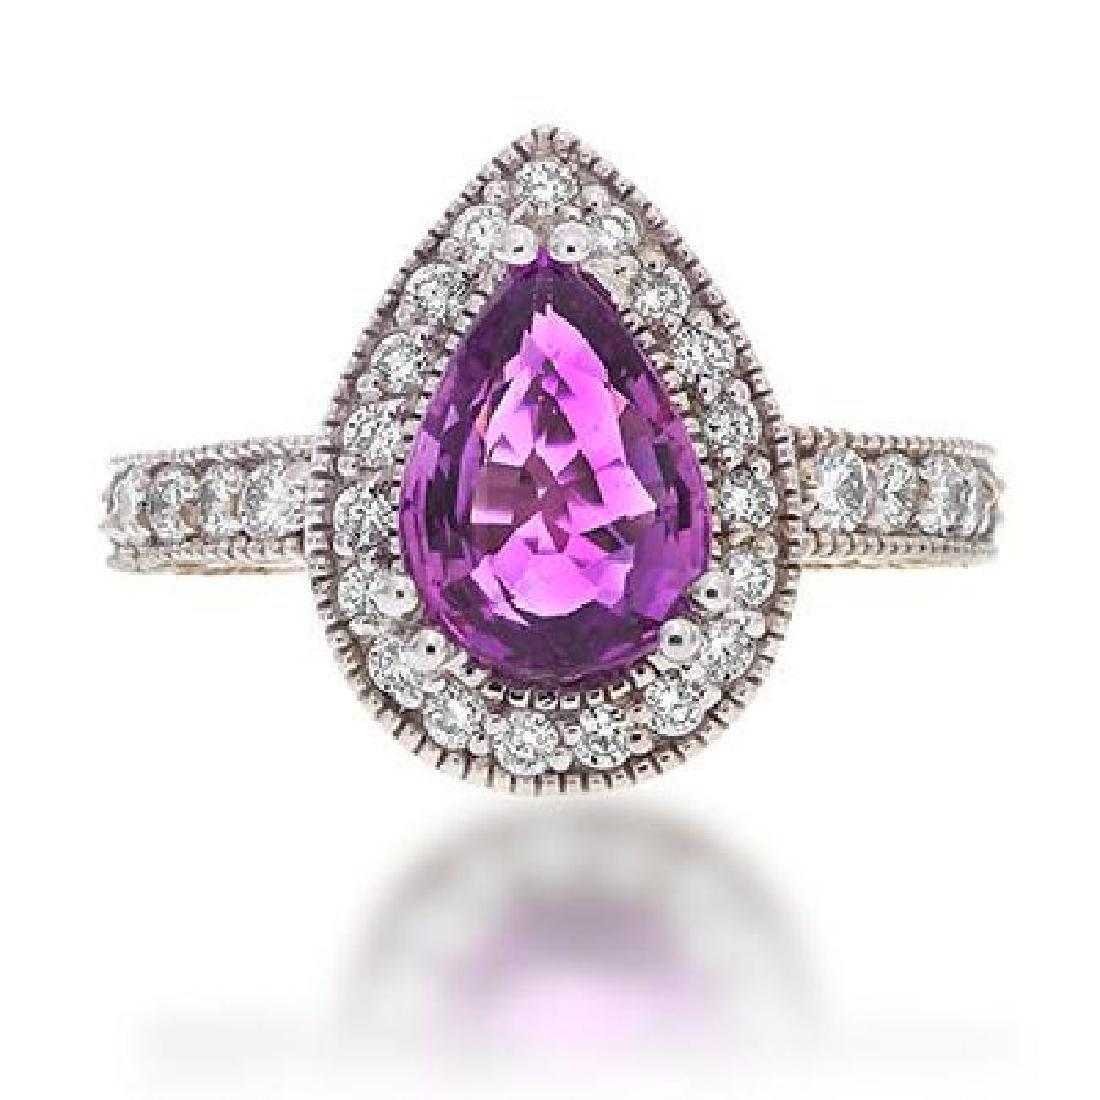 Pink Sapphire & Diamond Ring, 3.01 Carat